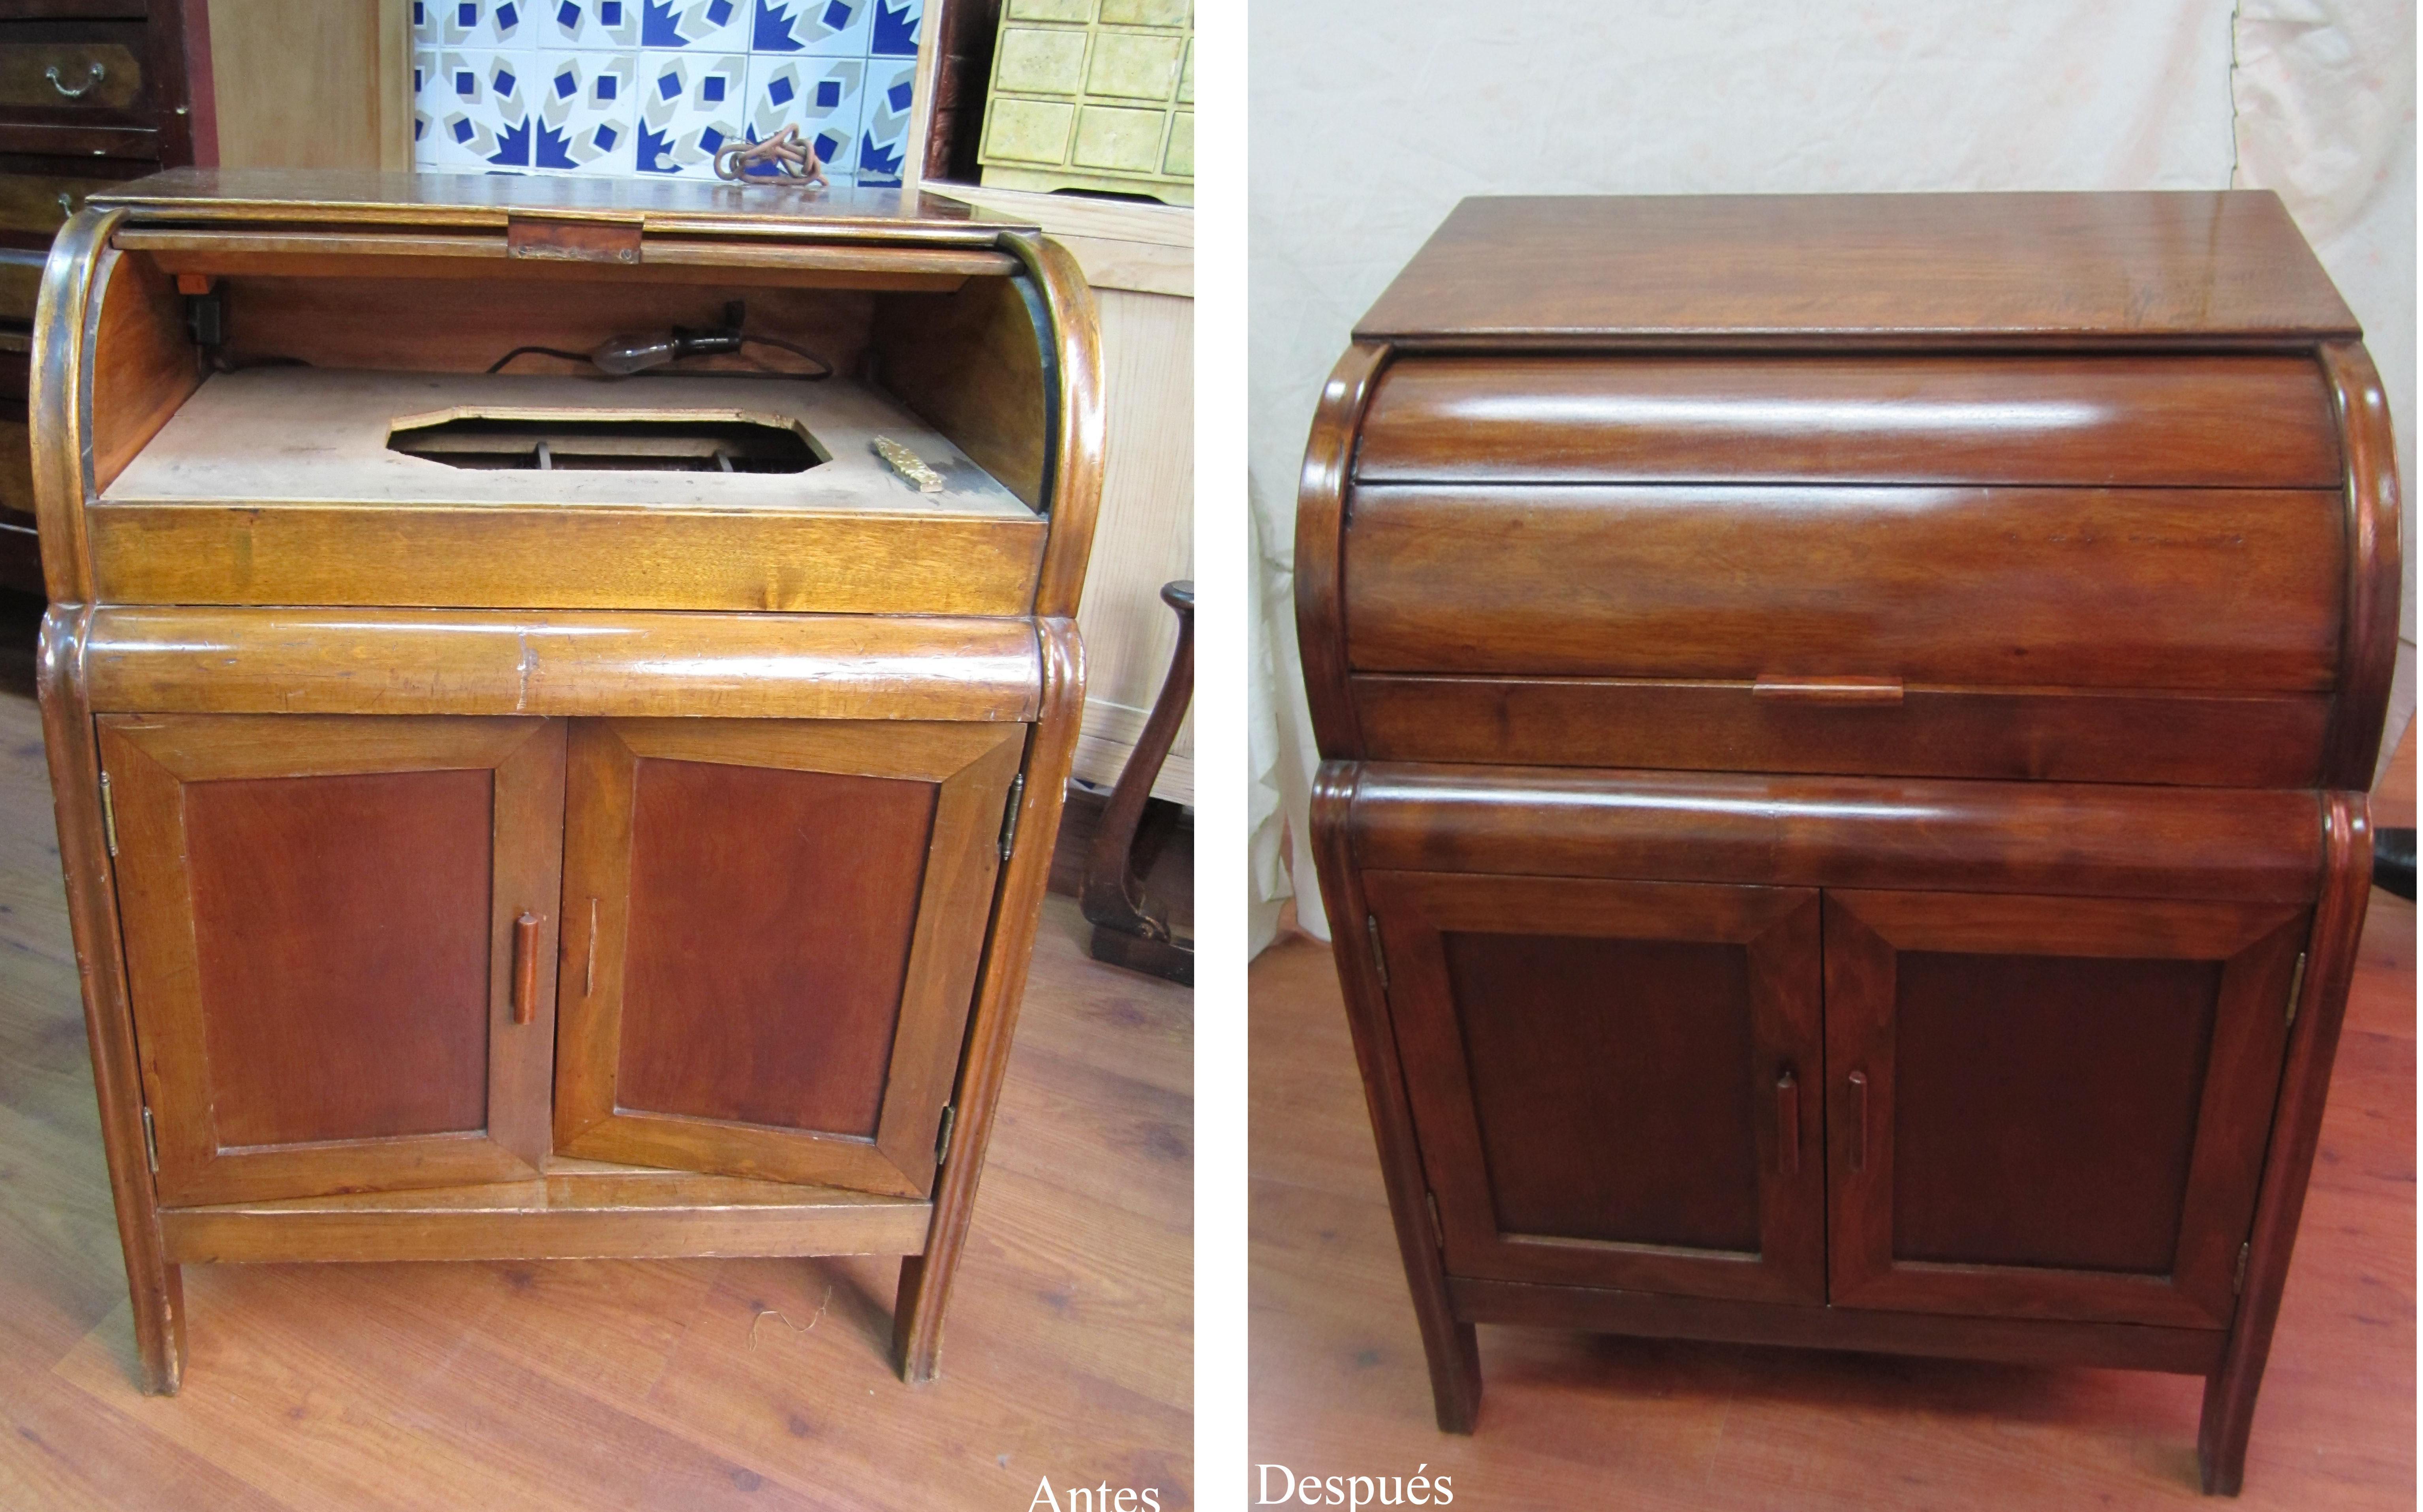 Foto 10 de restauraci n de muebles y antig edades en madrid restauraciones poblet - Muebles para restaurar madrid ...